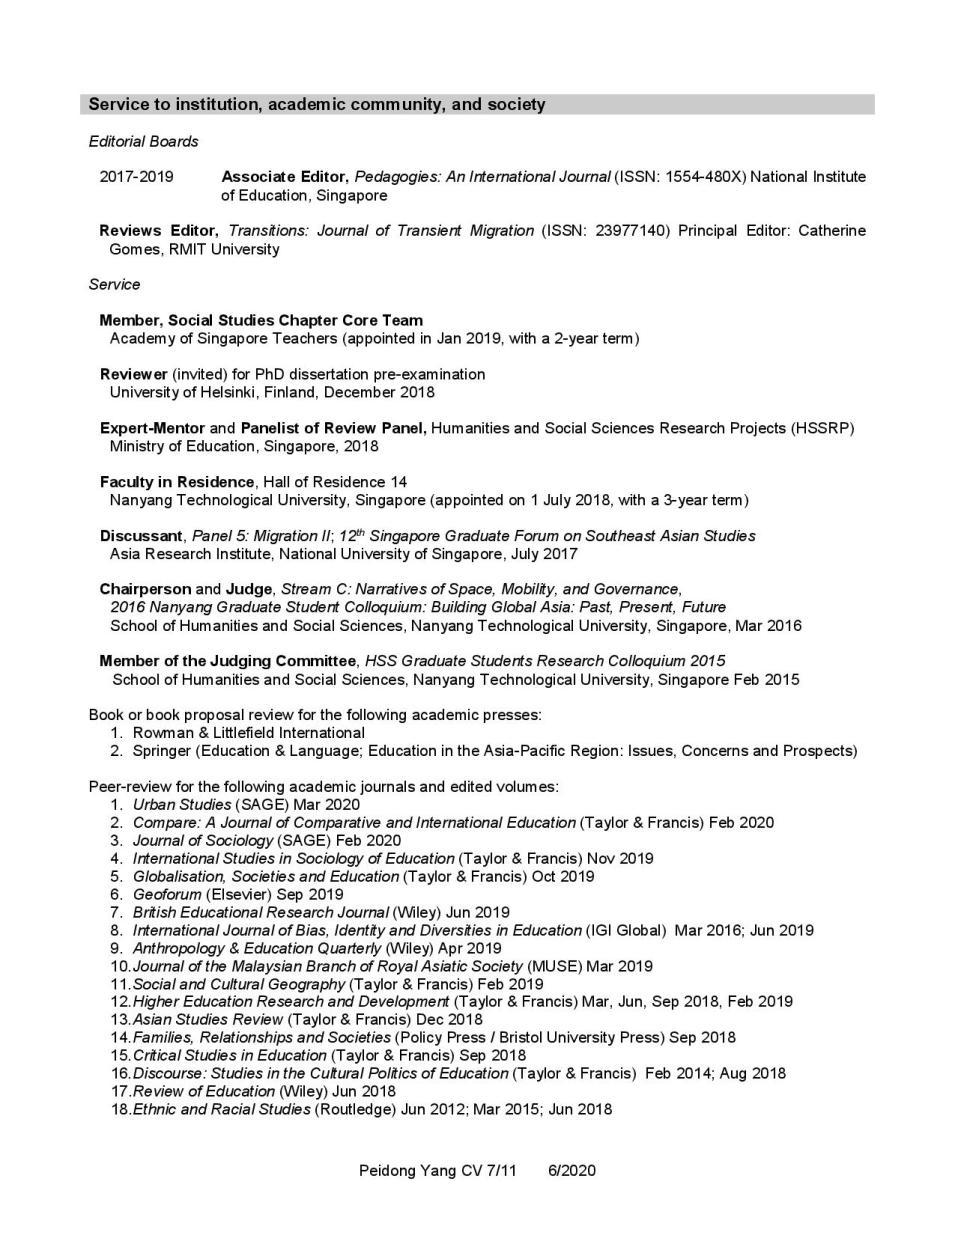 CV YANG Peidong_6.2020-page-007